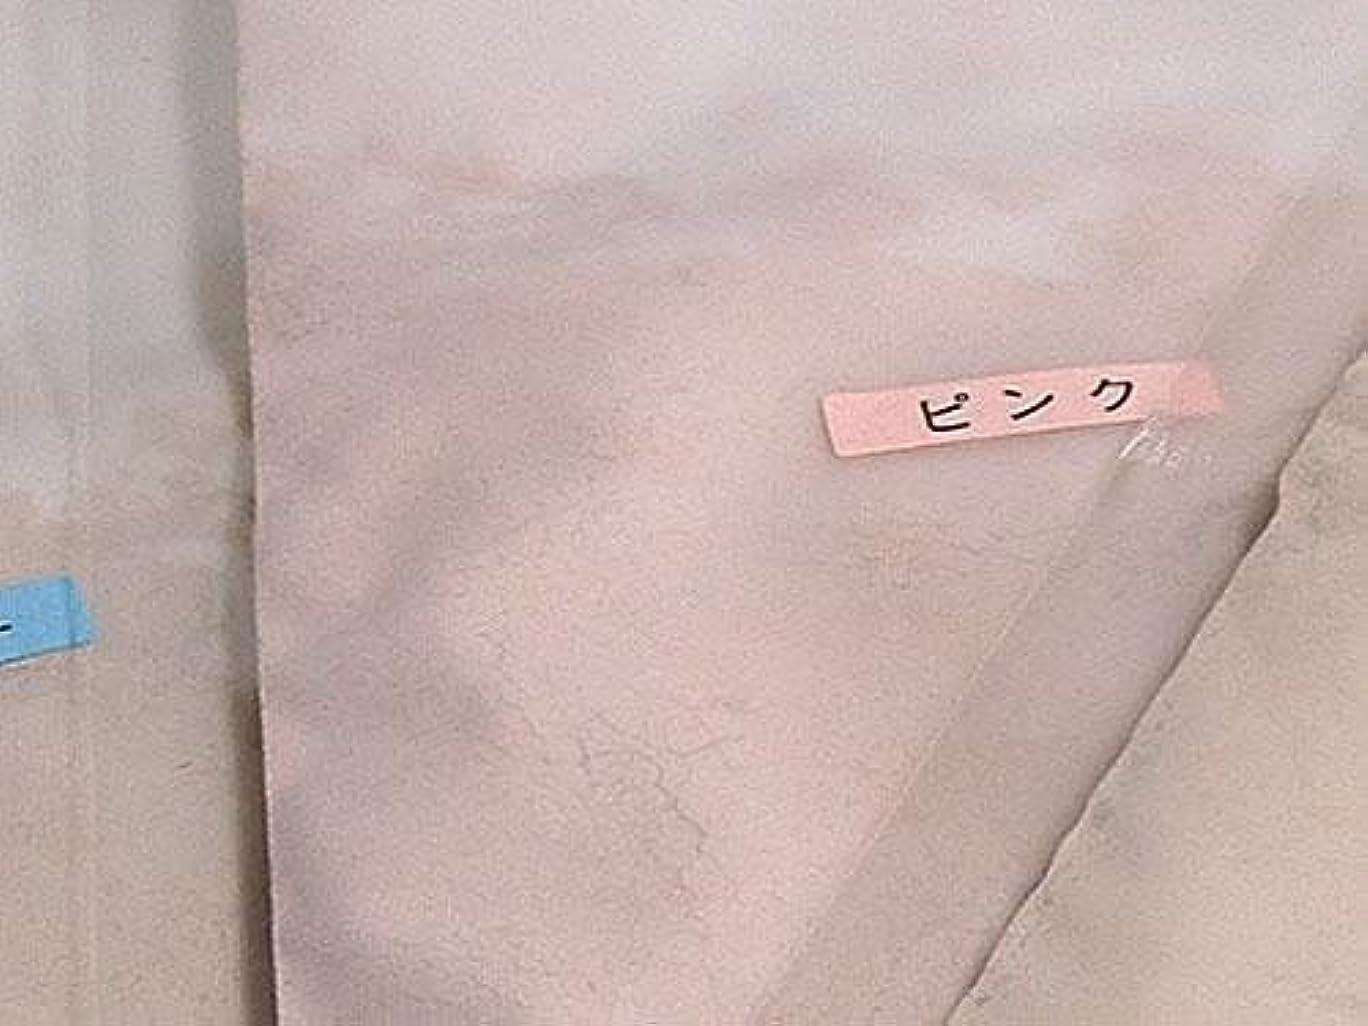 蒸発手配する蛾薫寿堂のお香制作セット お香パウダー ピンク 単品